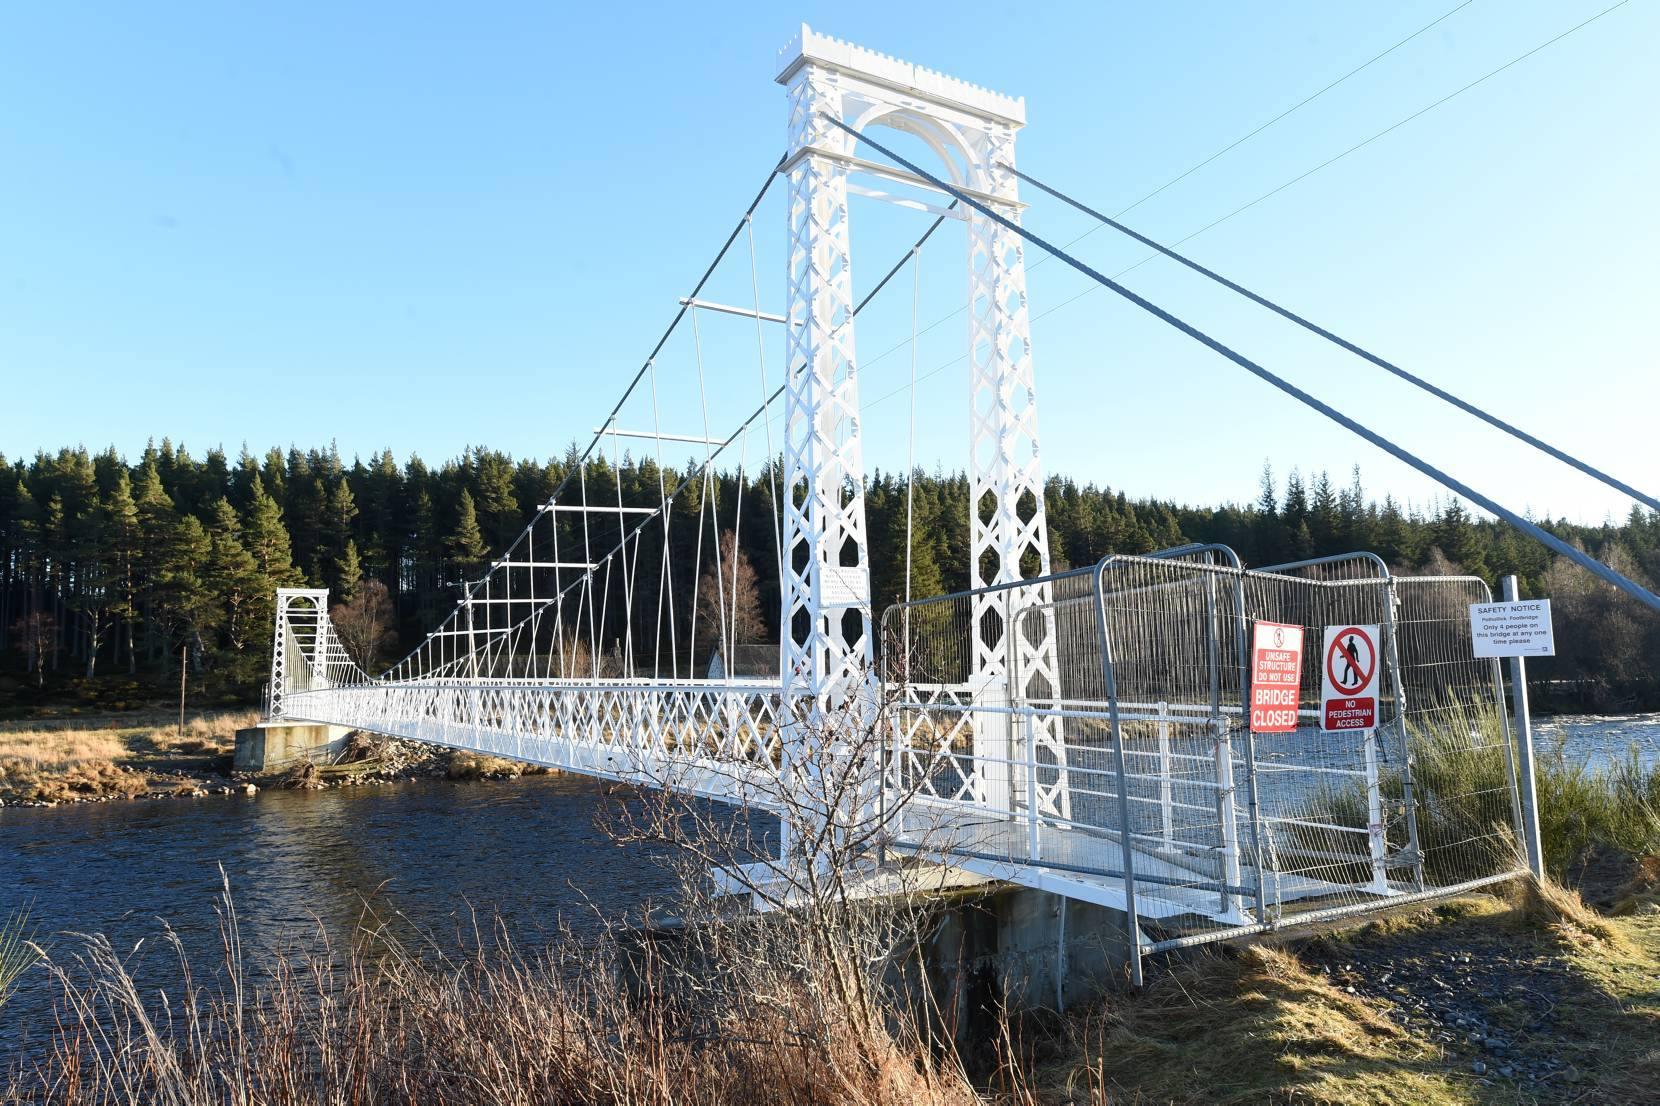 Polhollick footbridge